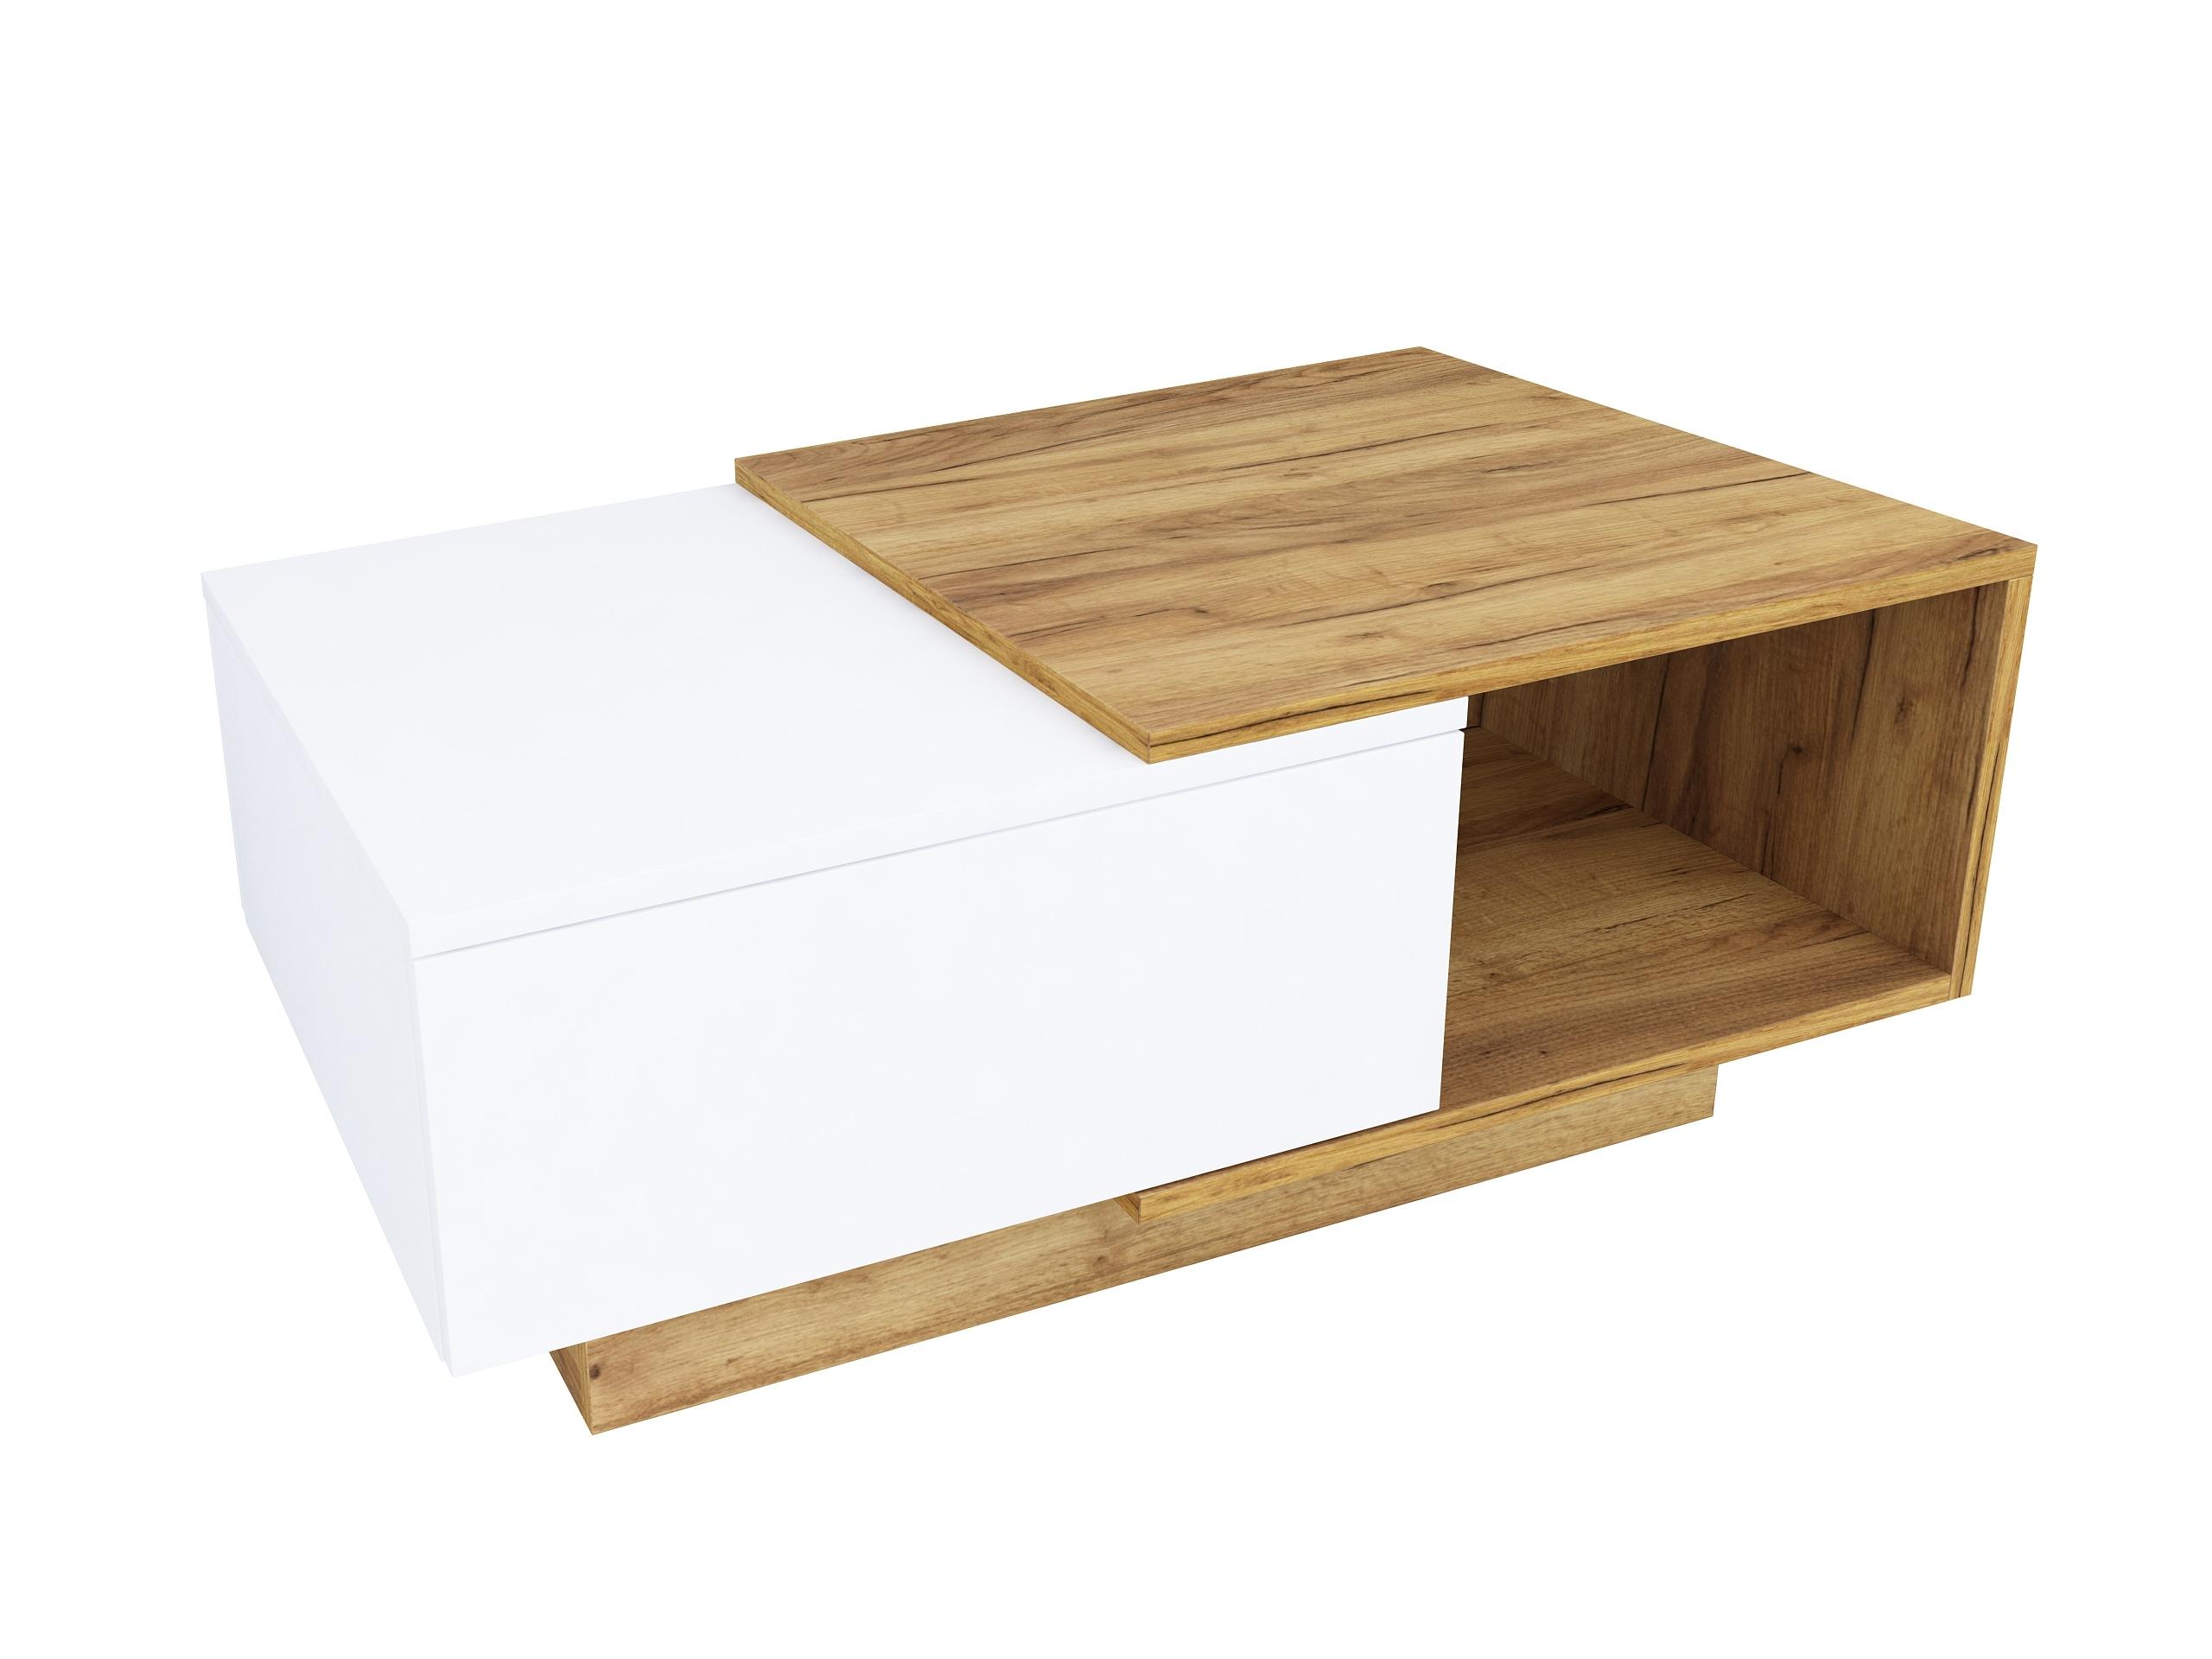 dąb złoty, dąb craft, biały mat, matowy stolik do salonu, matowa ława, stolik do gabinetu, stolik z szafką